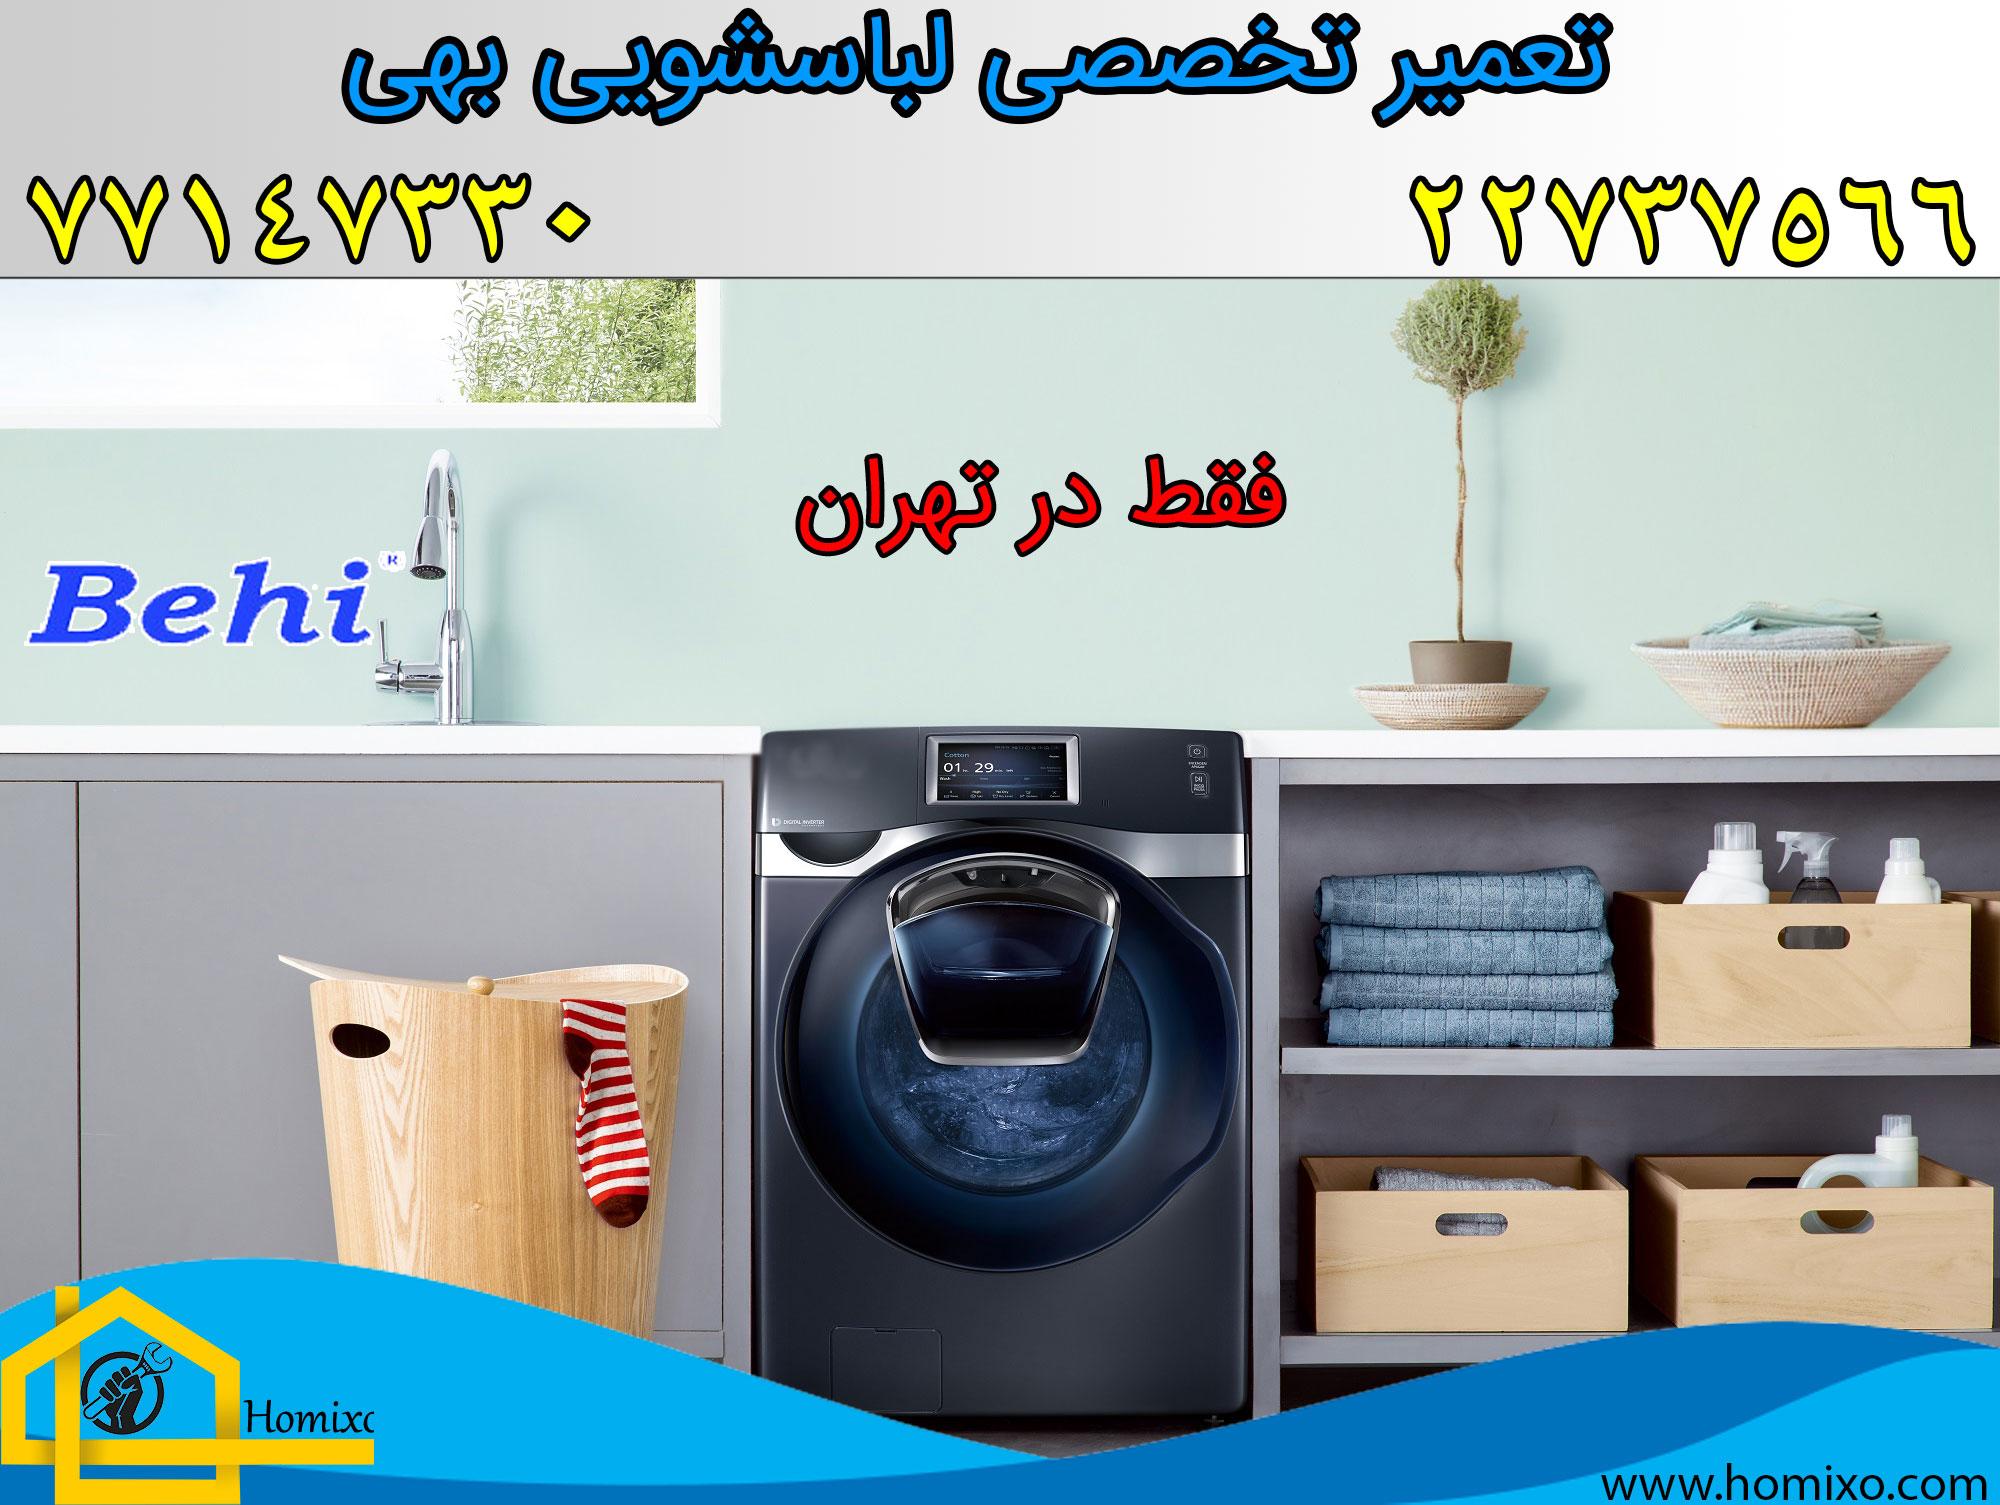 تعمیر لباسشویی بهی